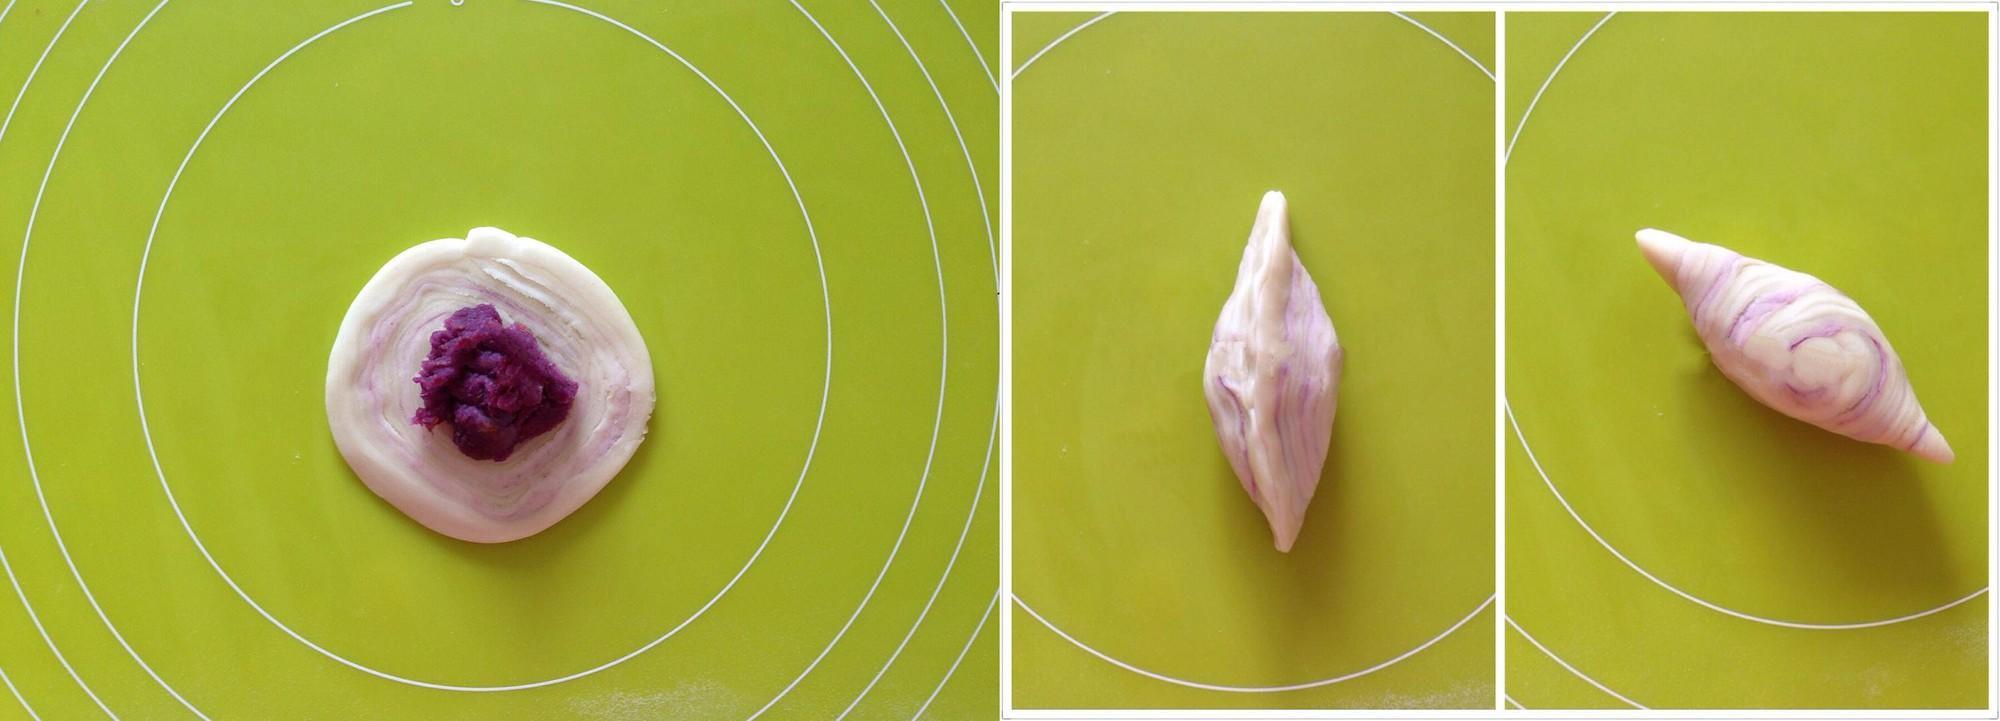 Không cần lò nướng cũng làm được bánh xoắn ốc siêu đẹp siêu ngon-4